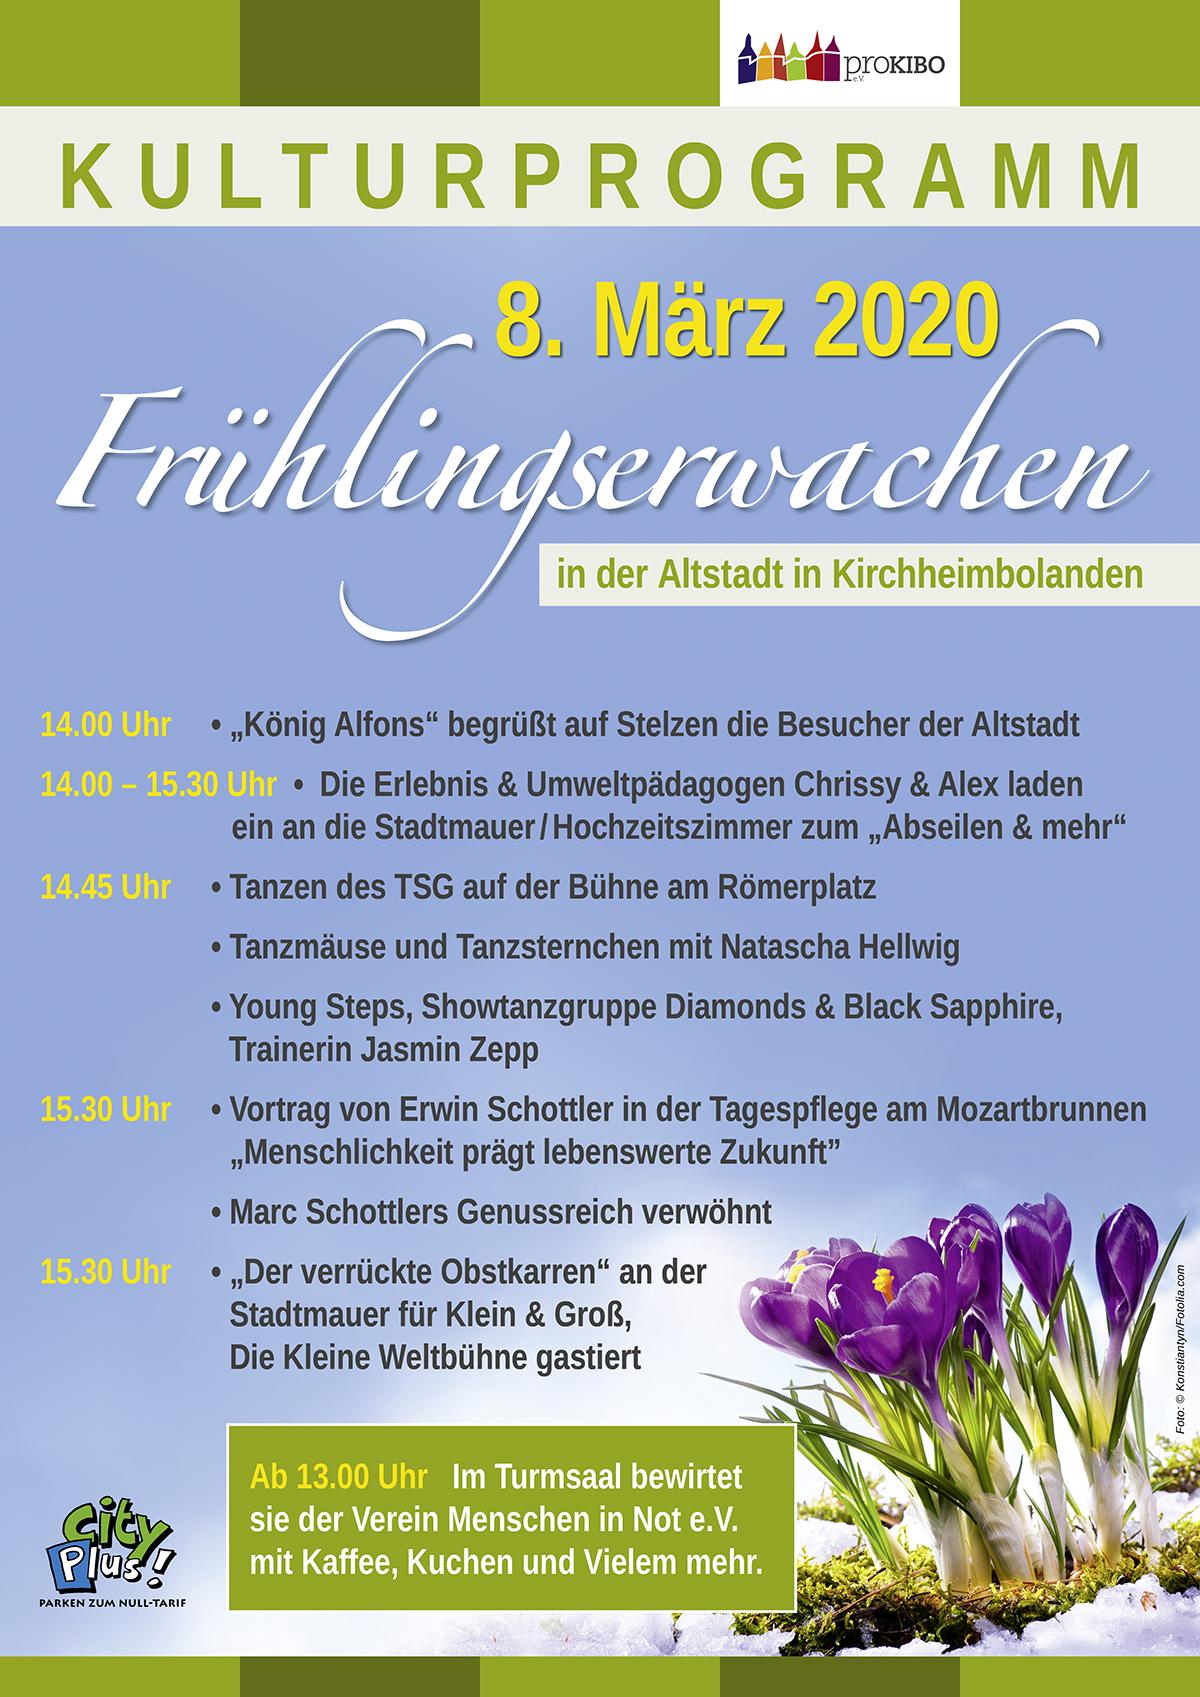 Kulturprogramm Frühlingserwachen 2020 in Kirchheimbolanden